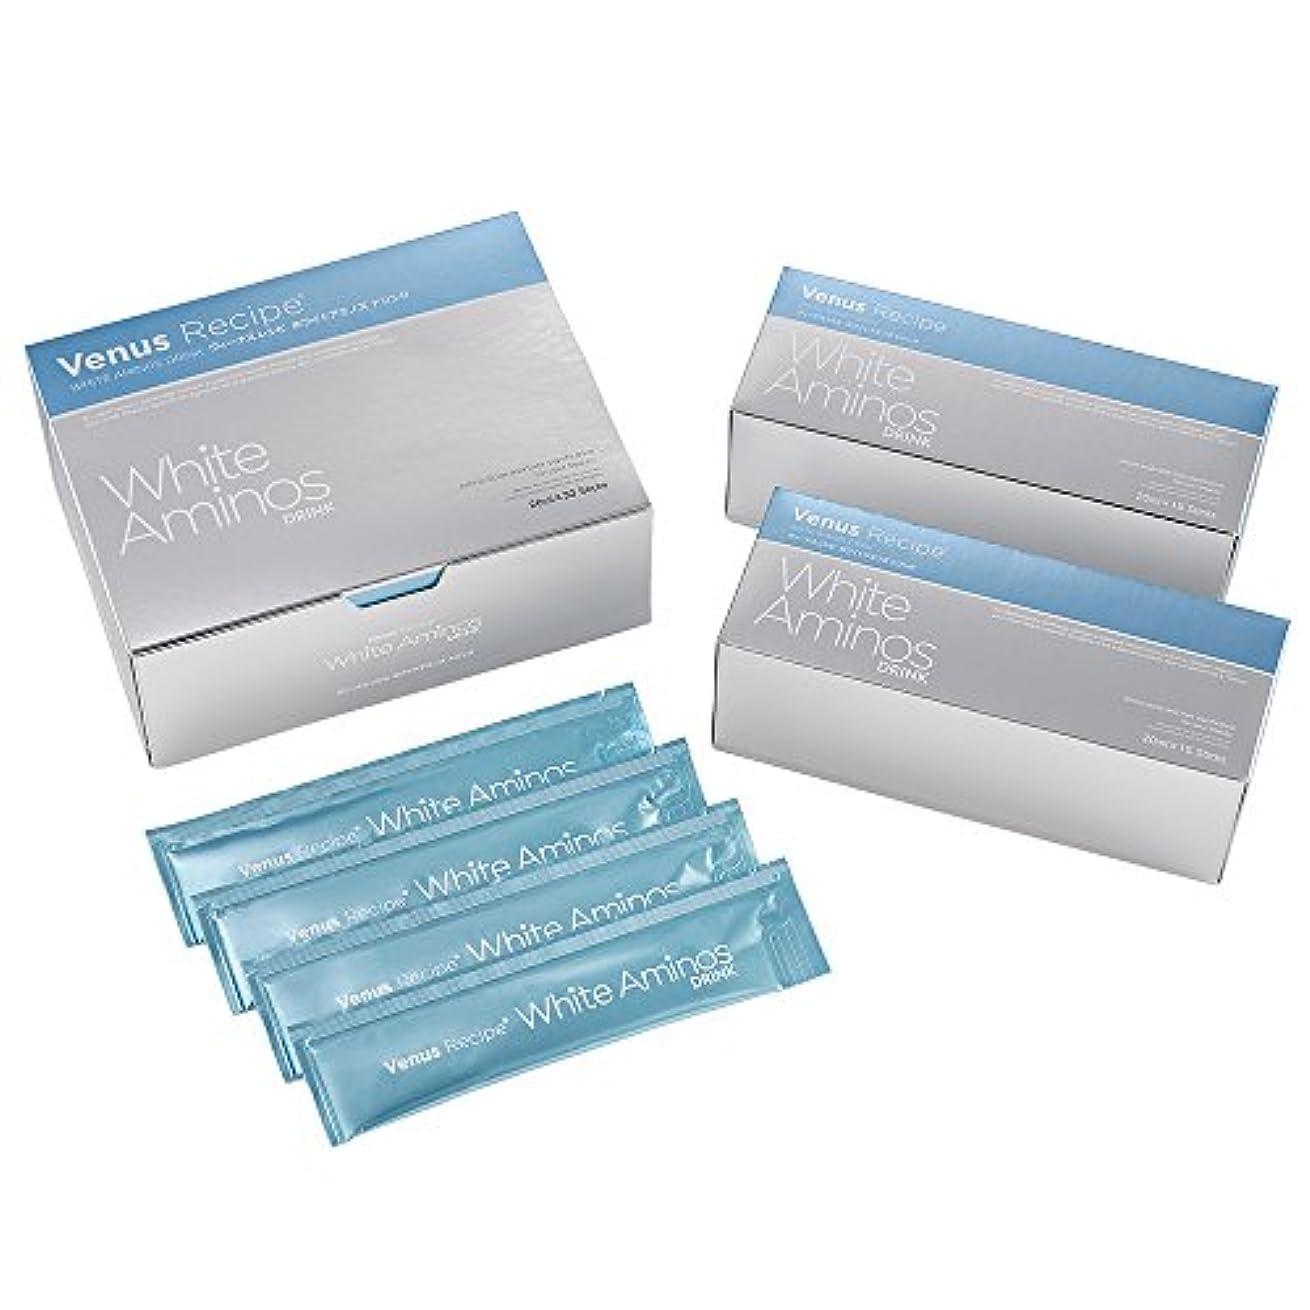 マウント重力散髪アクシージア (AXXZIA) ヴィーナスレシピ ホワイトアミノズ ドリンク 600mL(20mL×15包)| 美容ドリンク アミノ酸